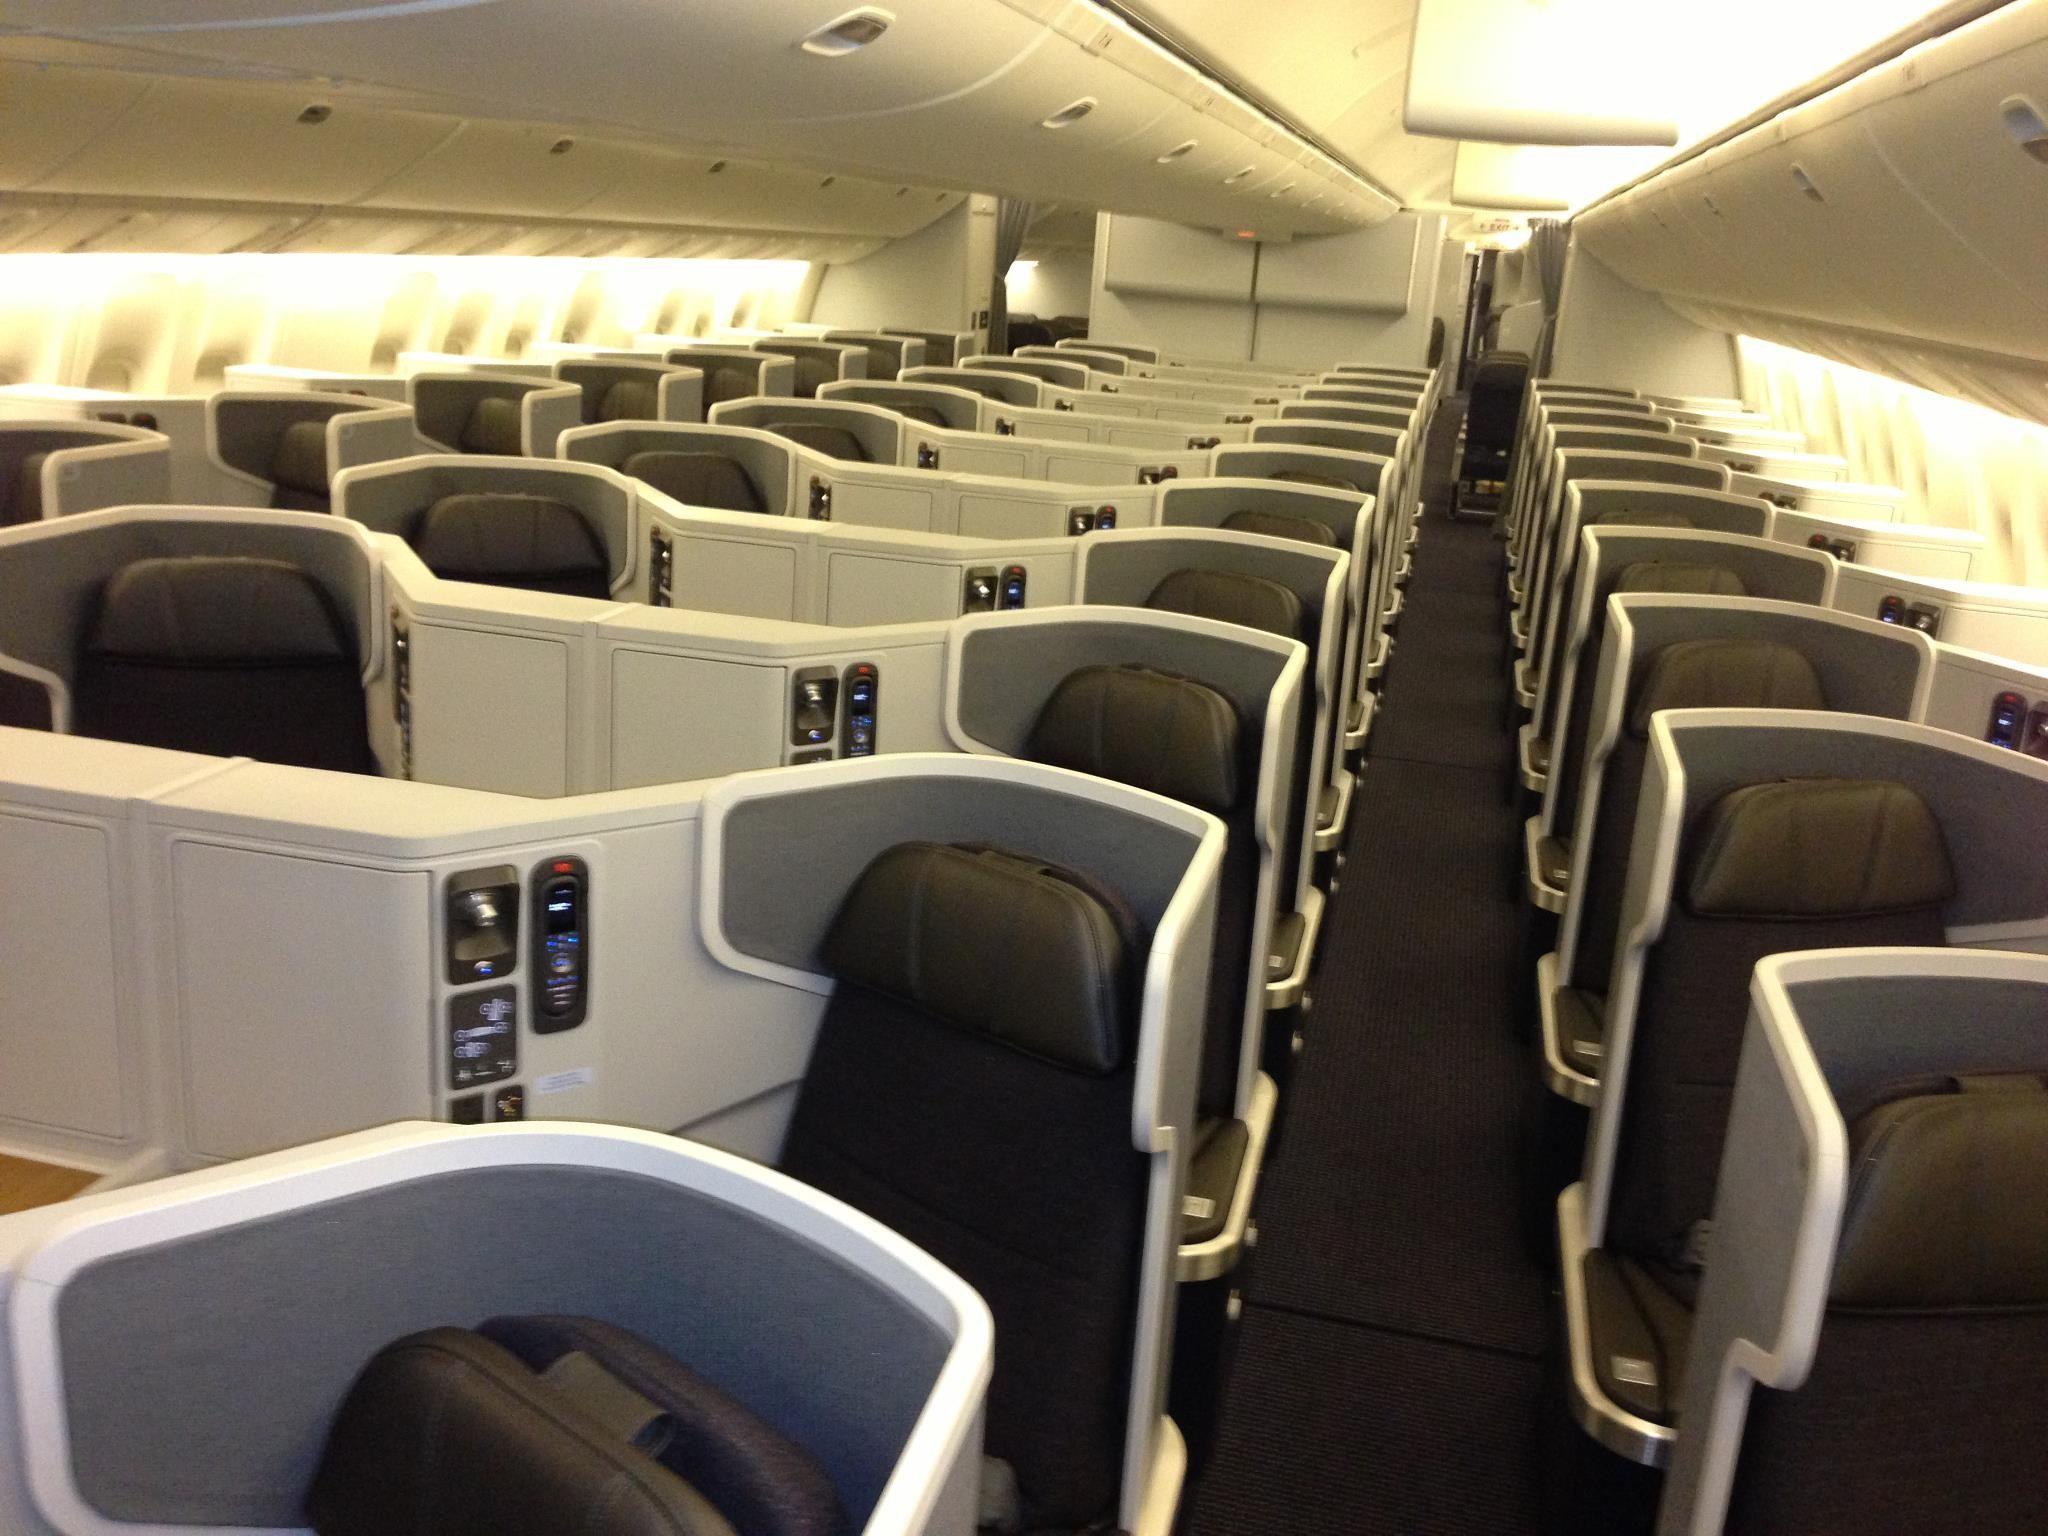 AA new 777 business class Flugreise, Reisen, Flug